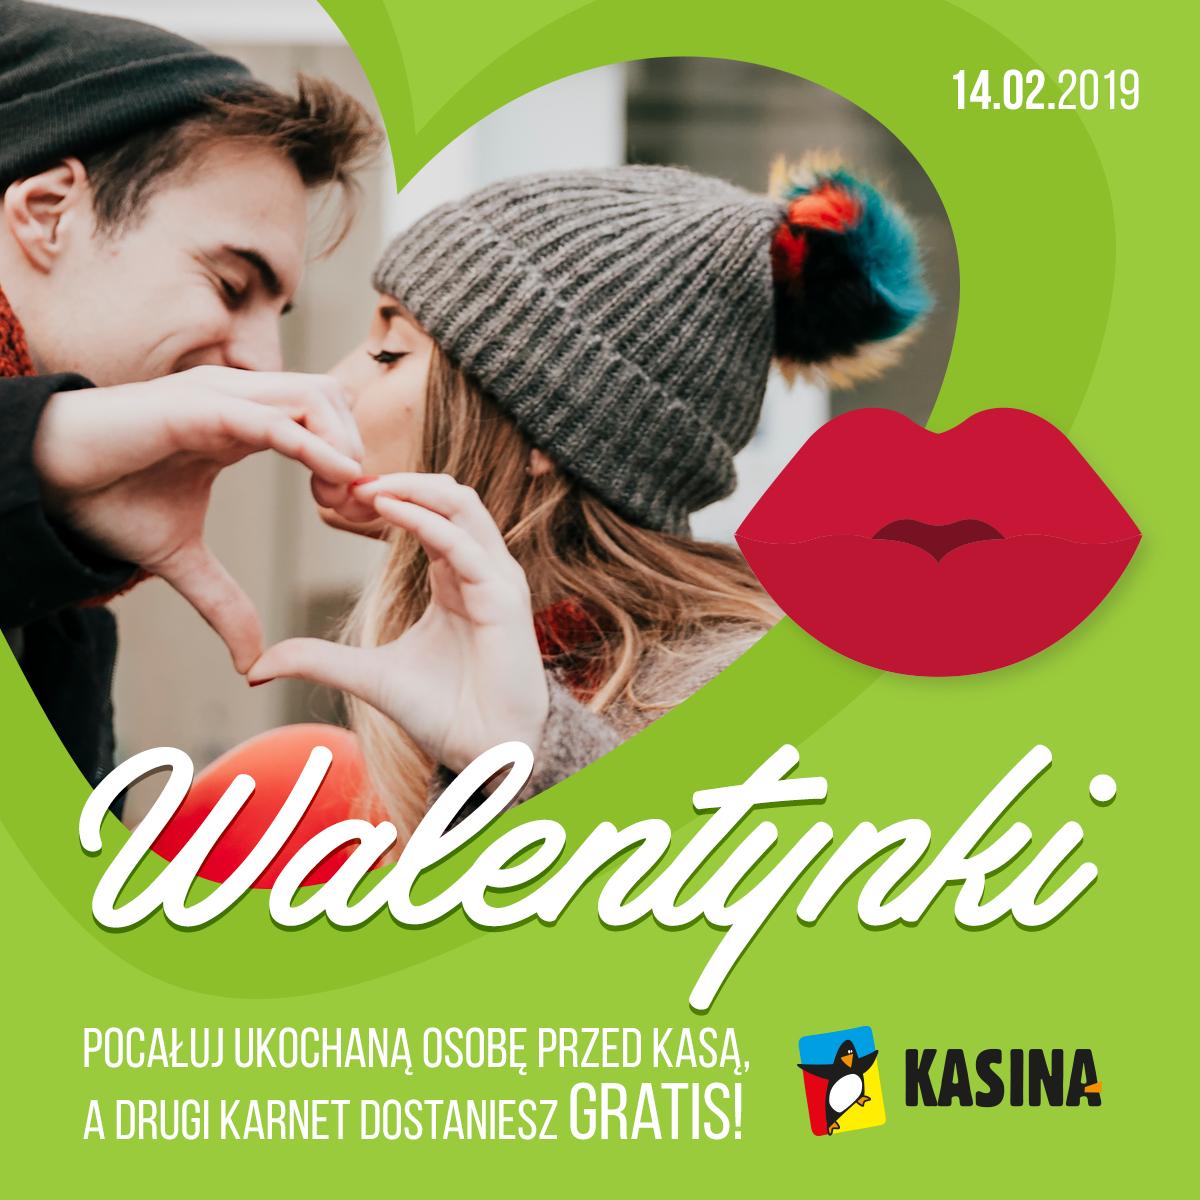 Karnet gratis za całusa czyli Walentynki na stoku w Kasinie dla Pepperowiczów! [Kasina Ski] 14.02.2019